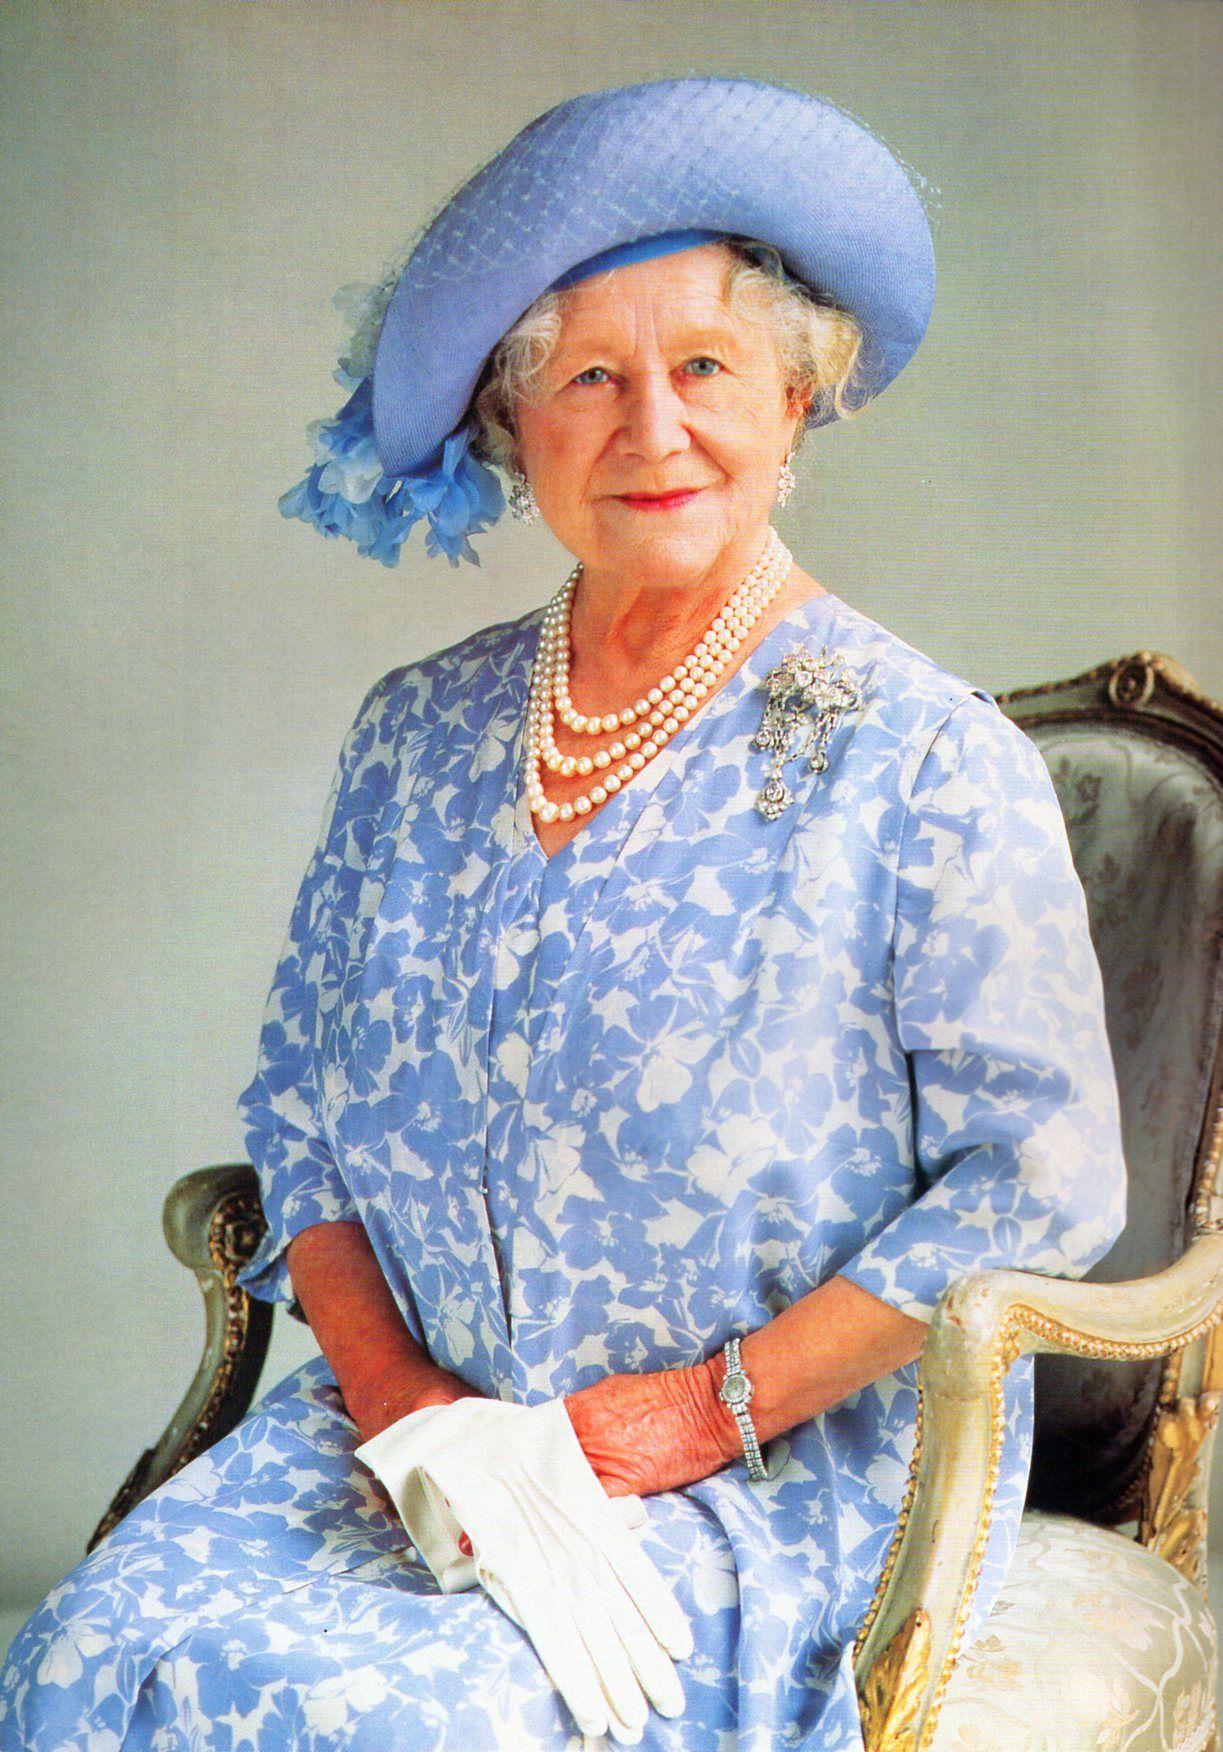 Elisabeth, the Queen mother, 1990 Queen mother, Queen